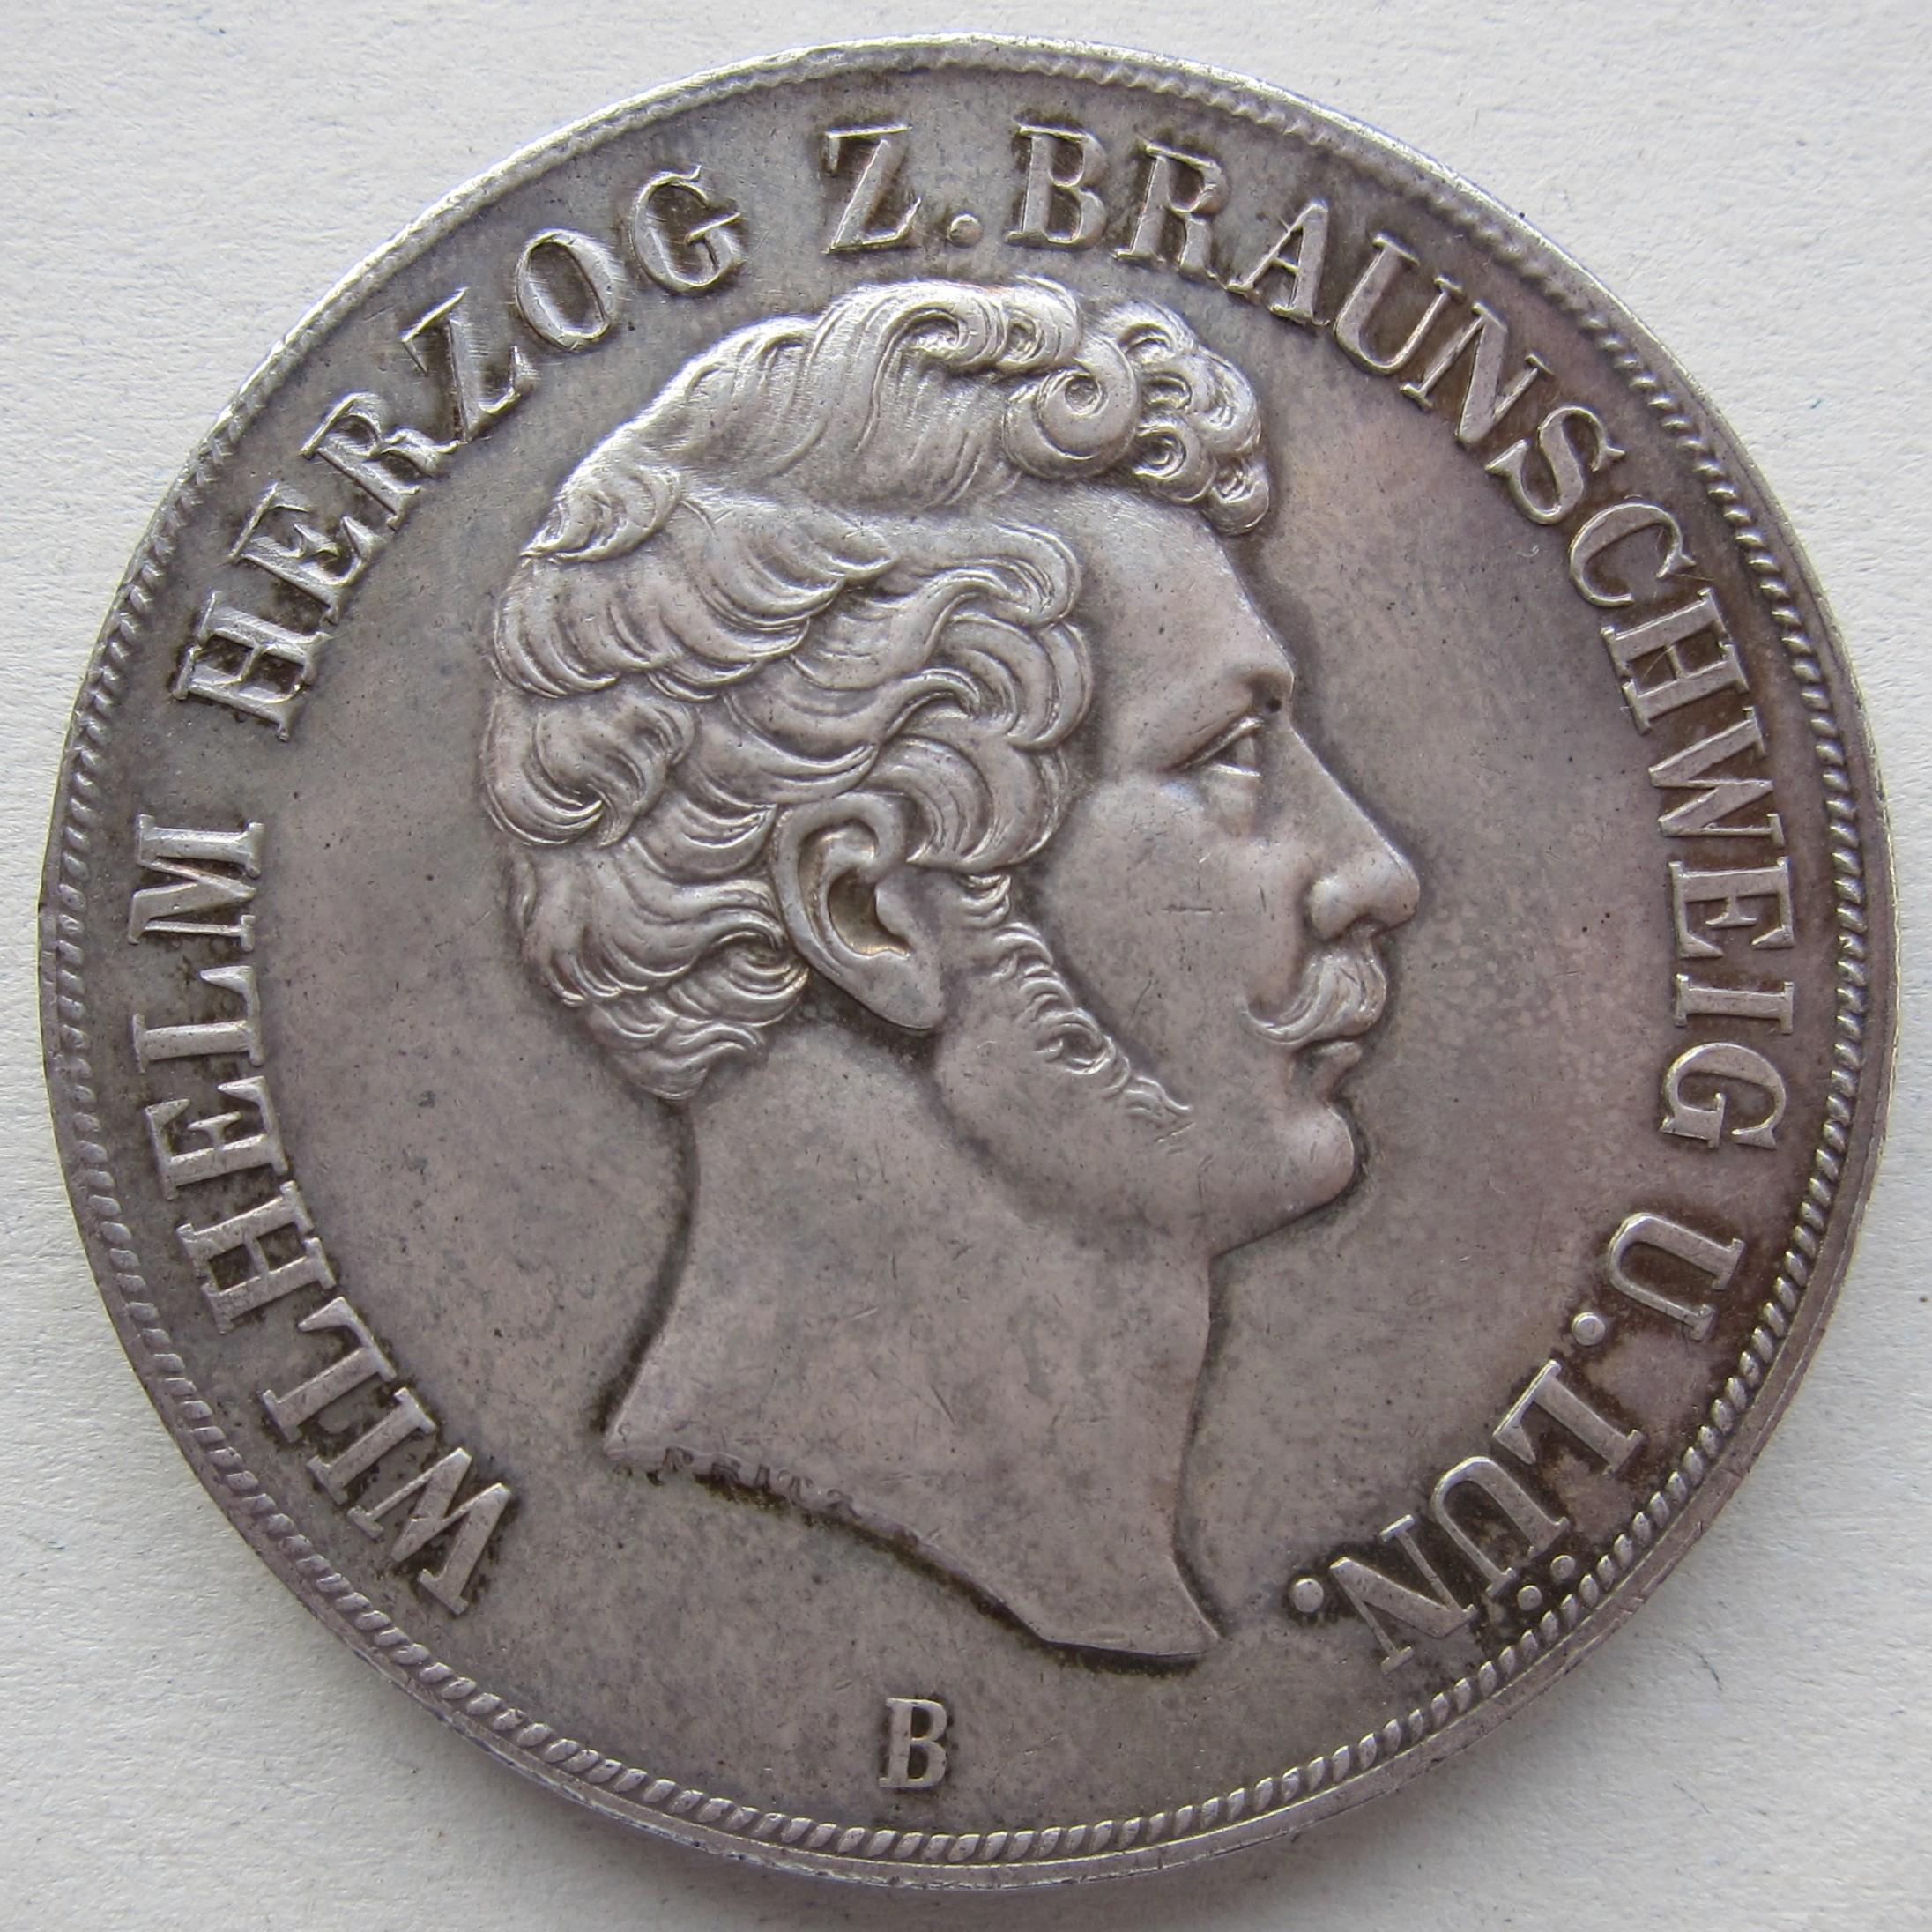 Braunschweig AKS 73 1855 Doppeltaler Av.jpg